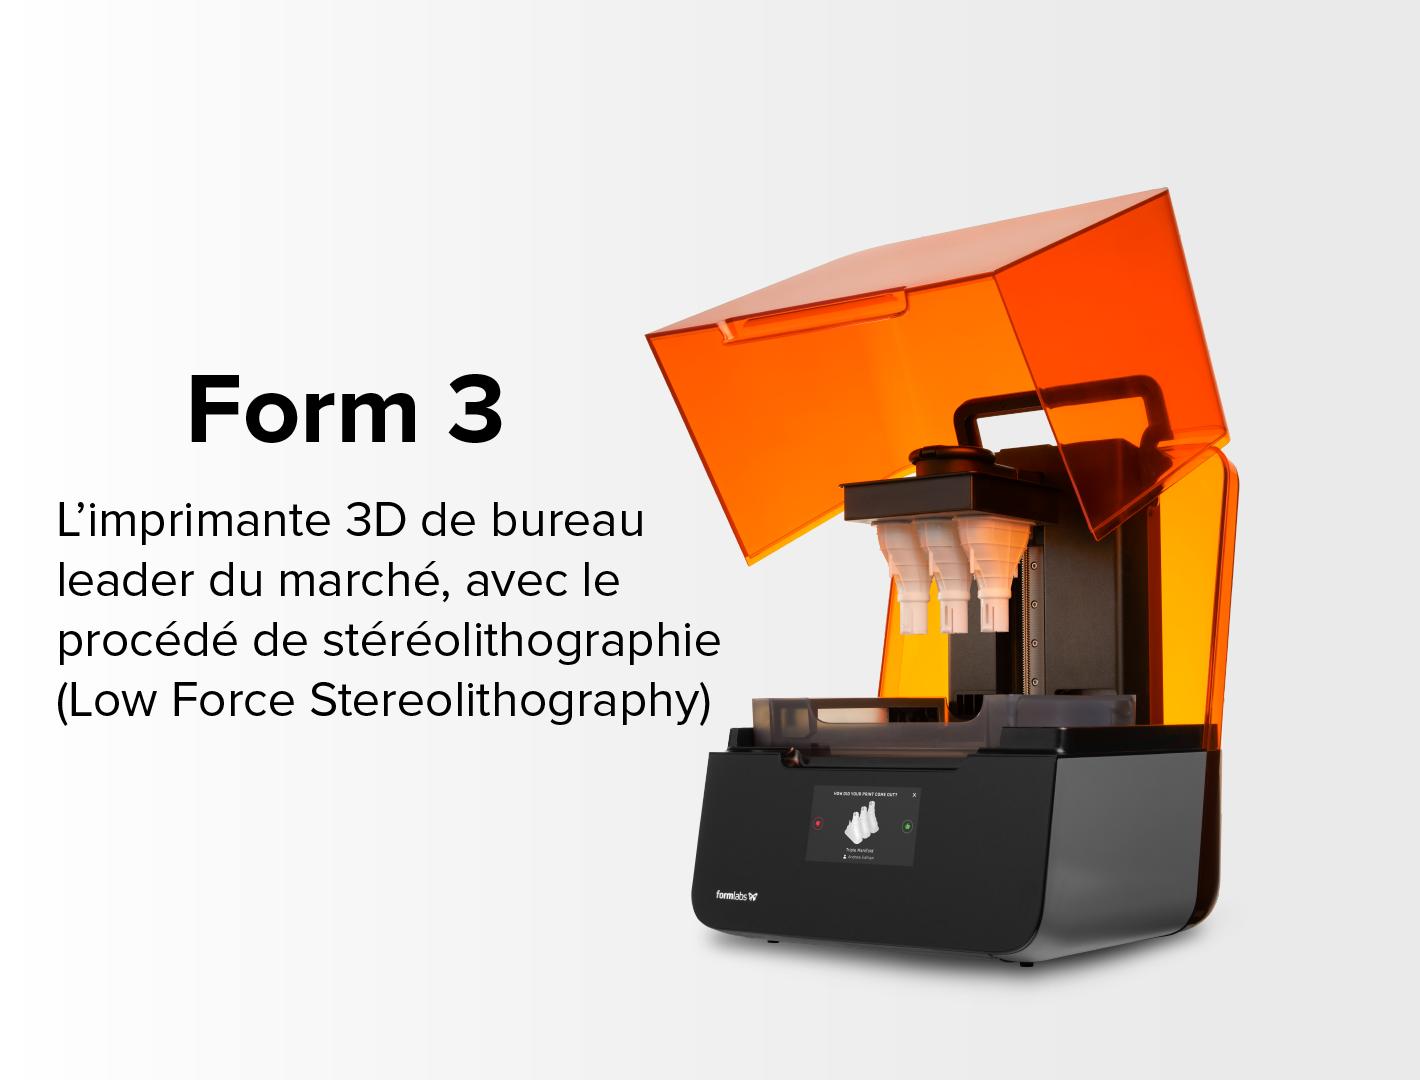 Form 3 - L'imprimante 3D de bureau leader du marché, avec le procédé de stéréolithgraphie (Low Force Stereolithography)